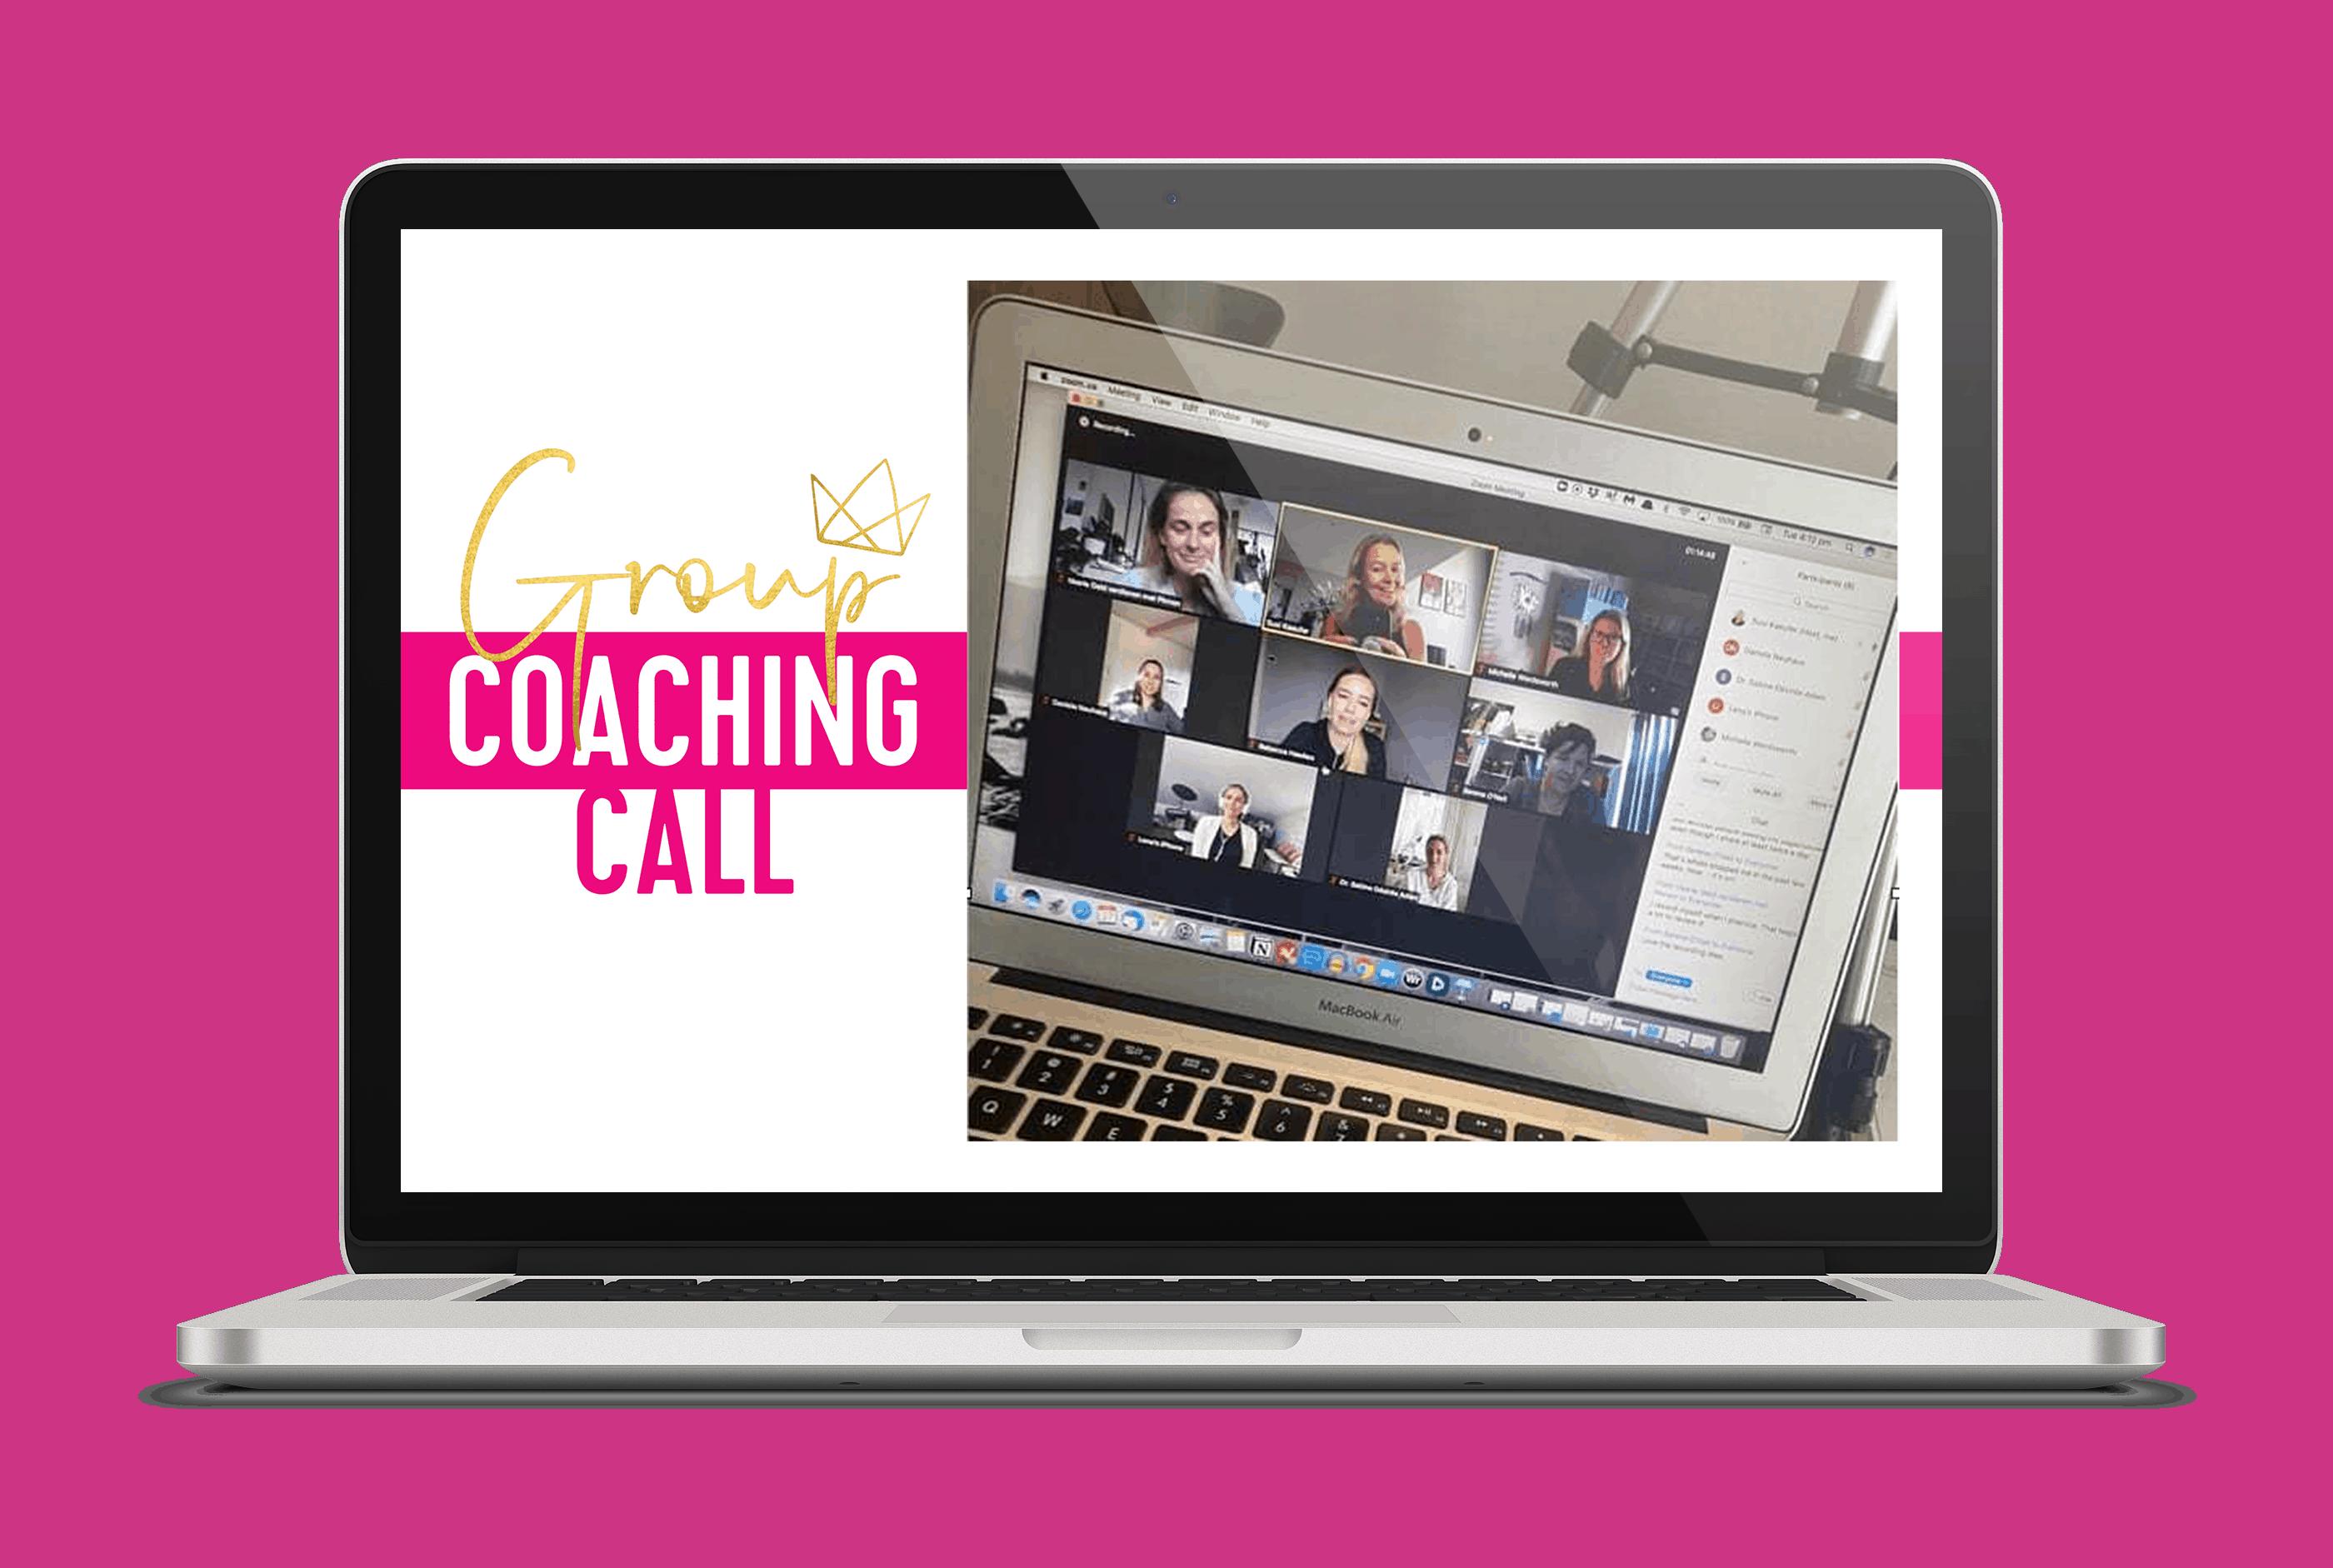 Mockup_Group Coaching_Laptop